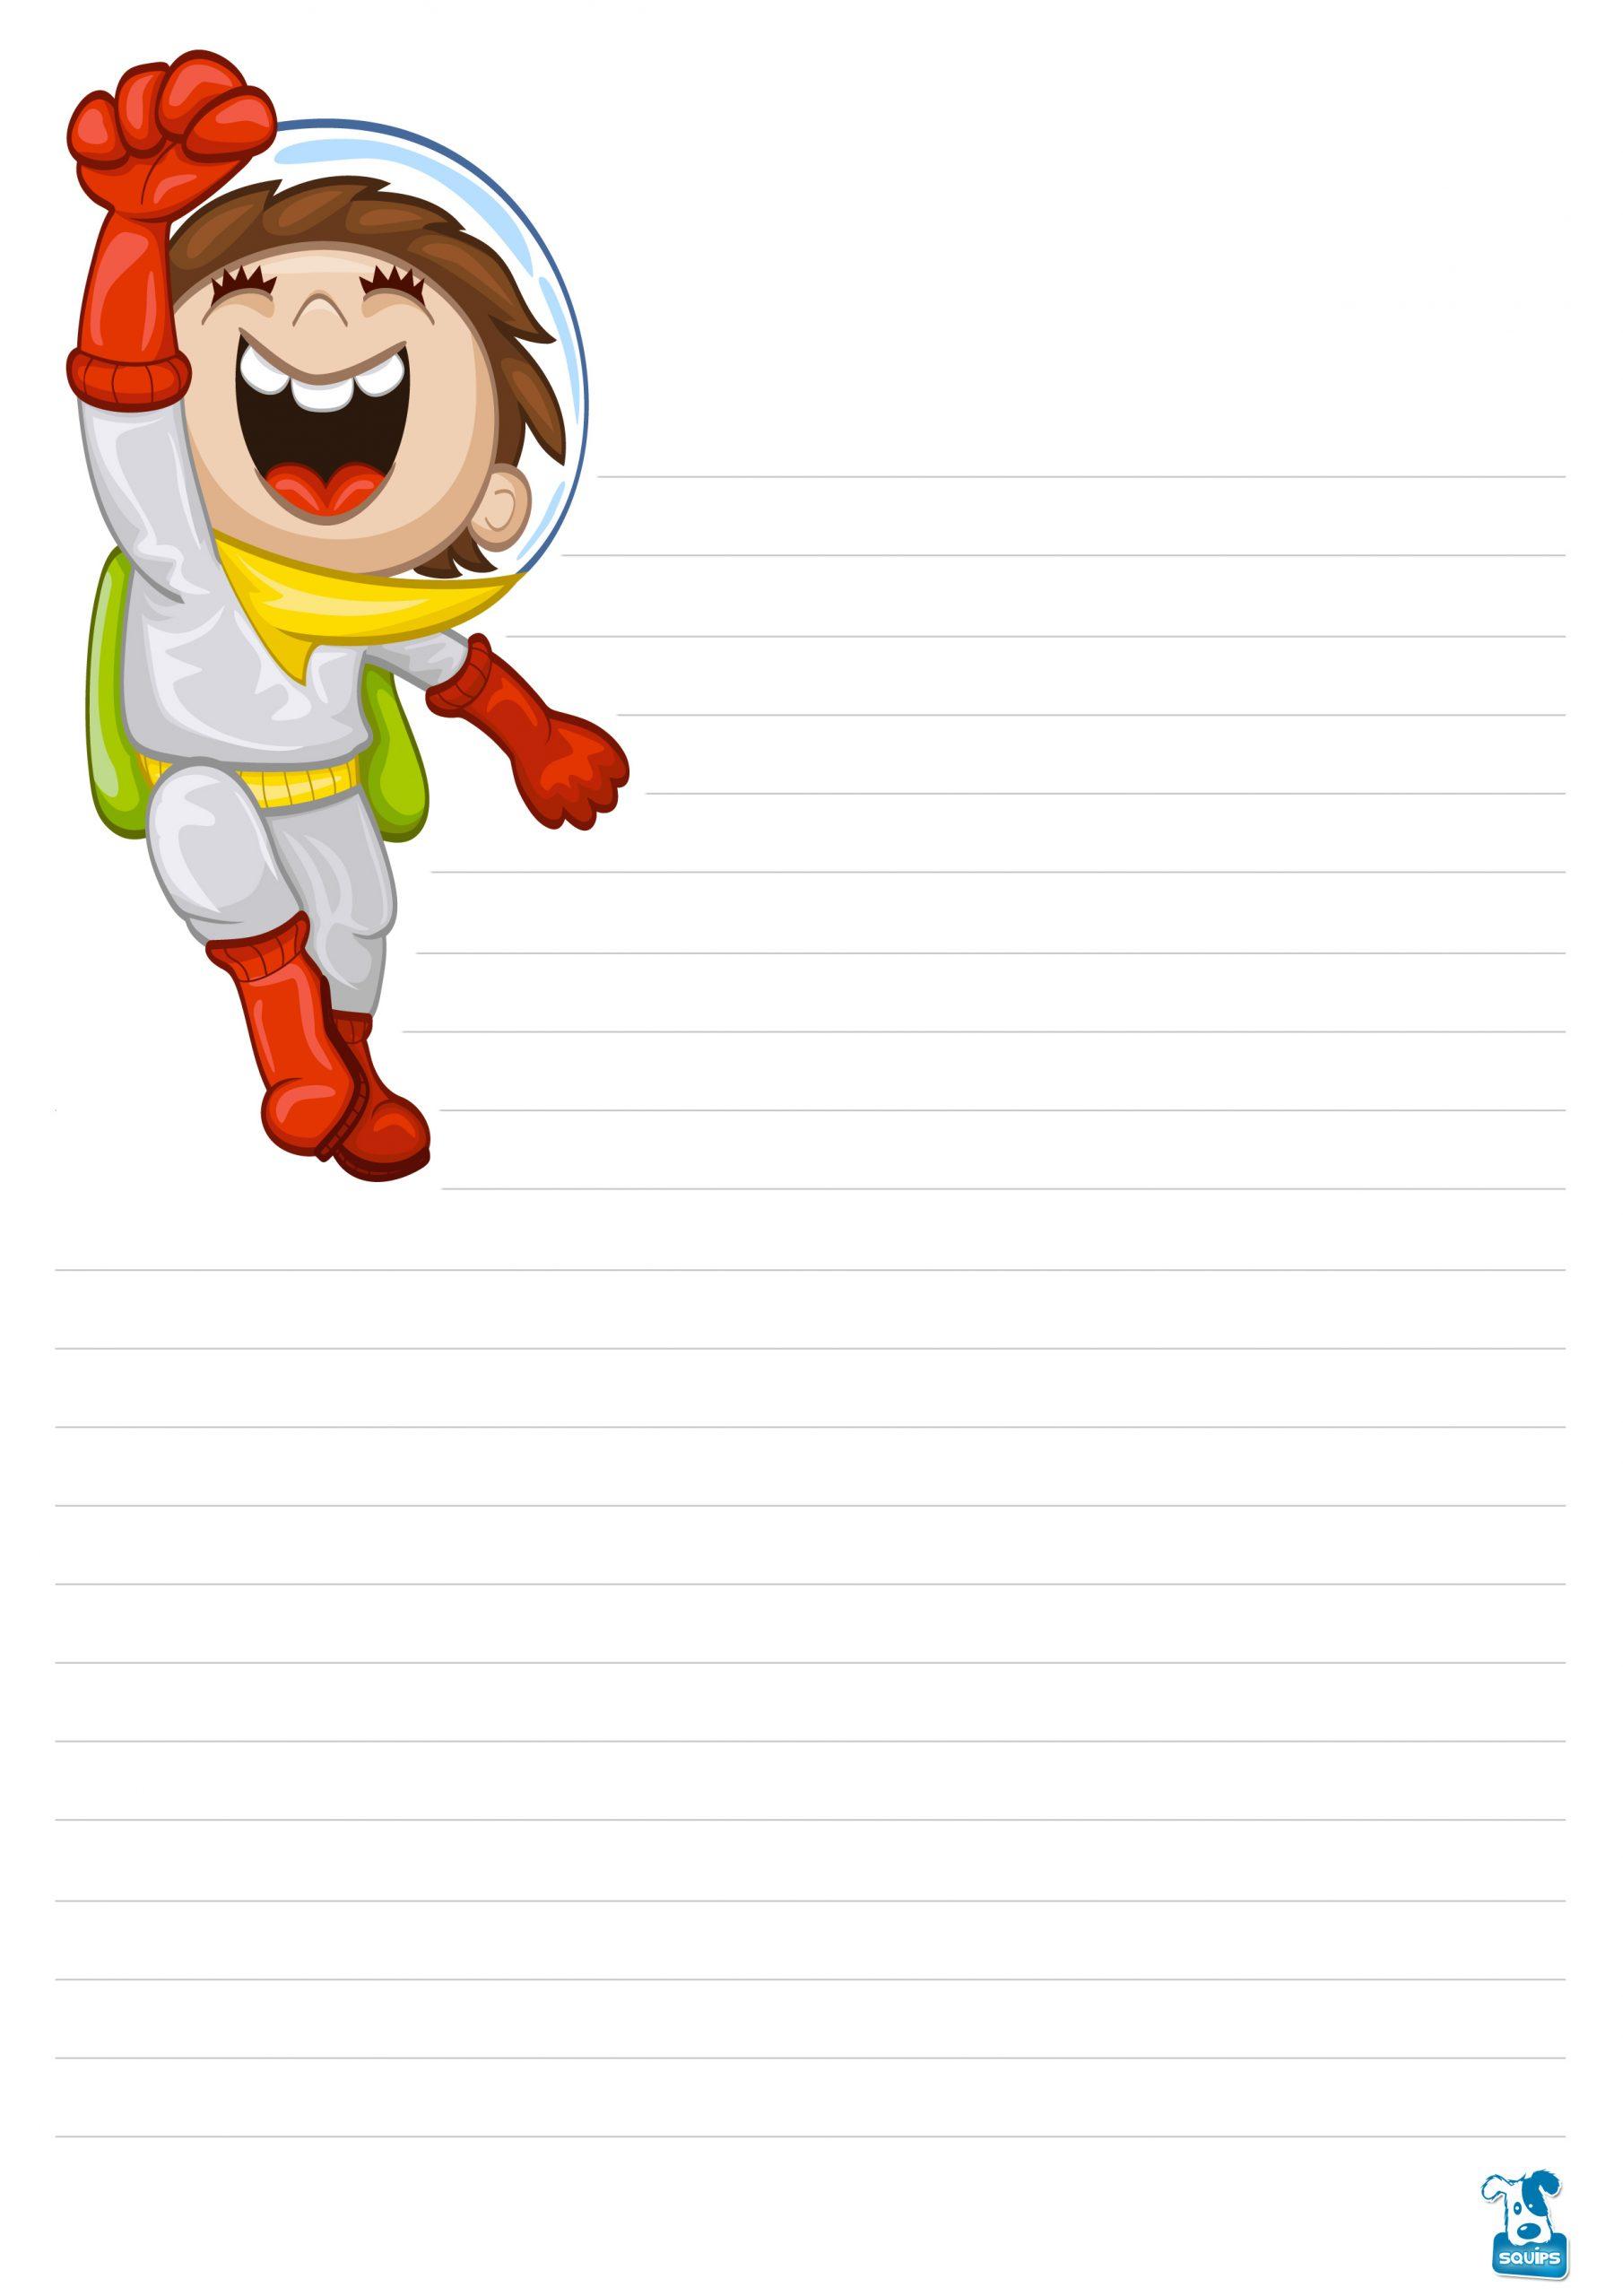 10 Papiers À Lettre À Imprimer Pour Enfants | 123Cartes concernant Papier A Lettre Enfant